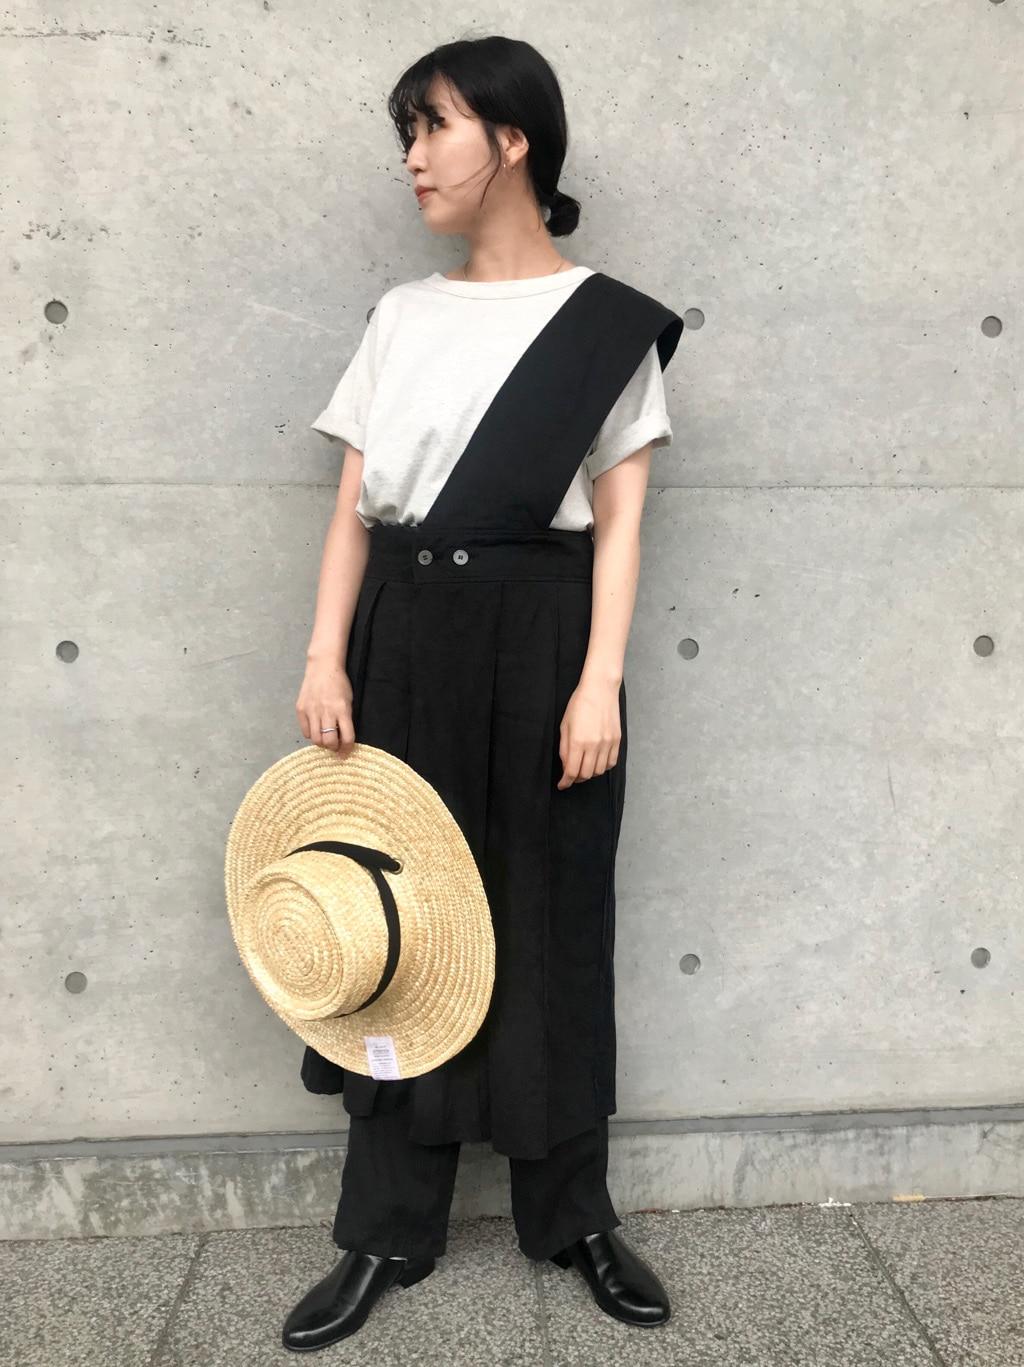 東京スカイツリータウン・ソラマチ 2020.07.19